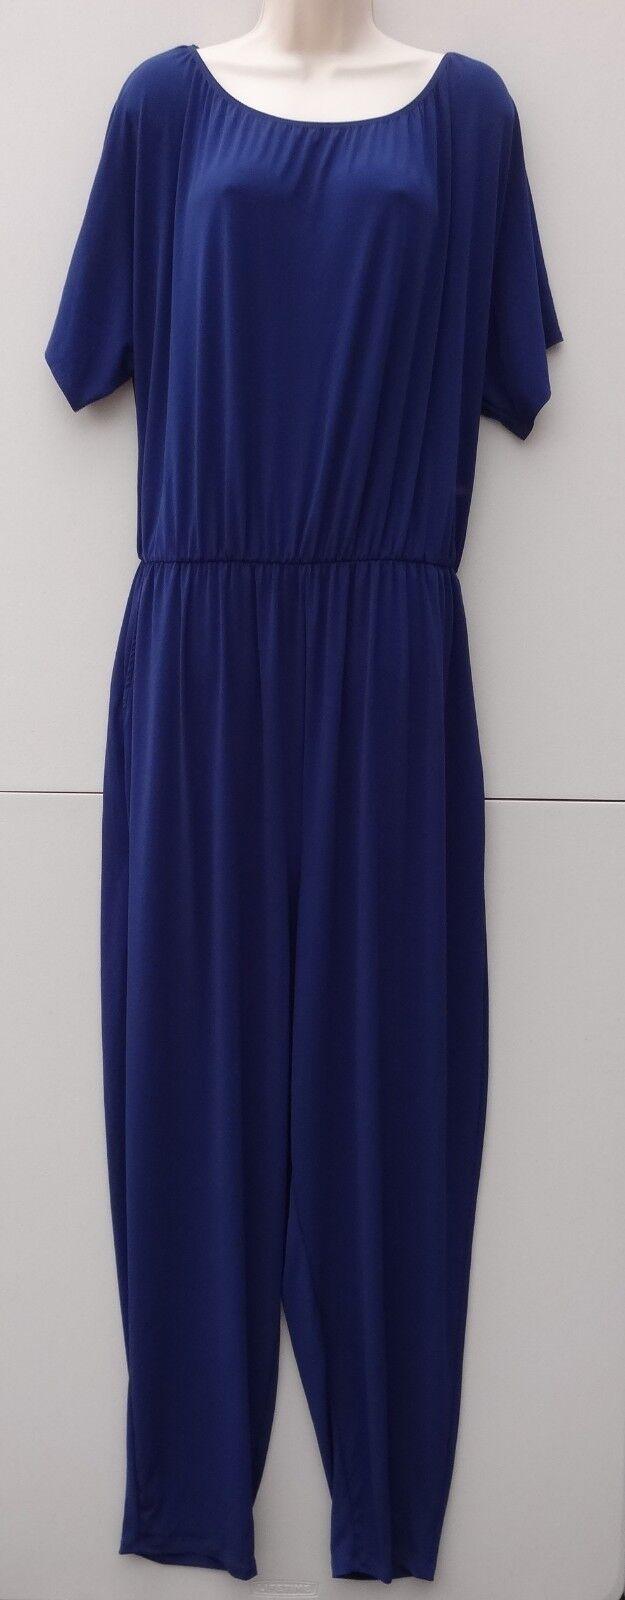 Kim & Co Brazil Knit Dolman Sleeve Jumpsuit Regular Size 3XL - French Navy